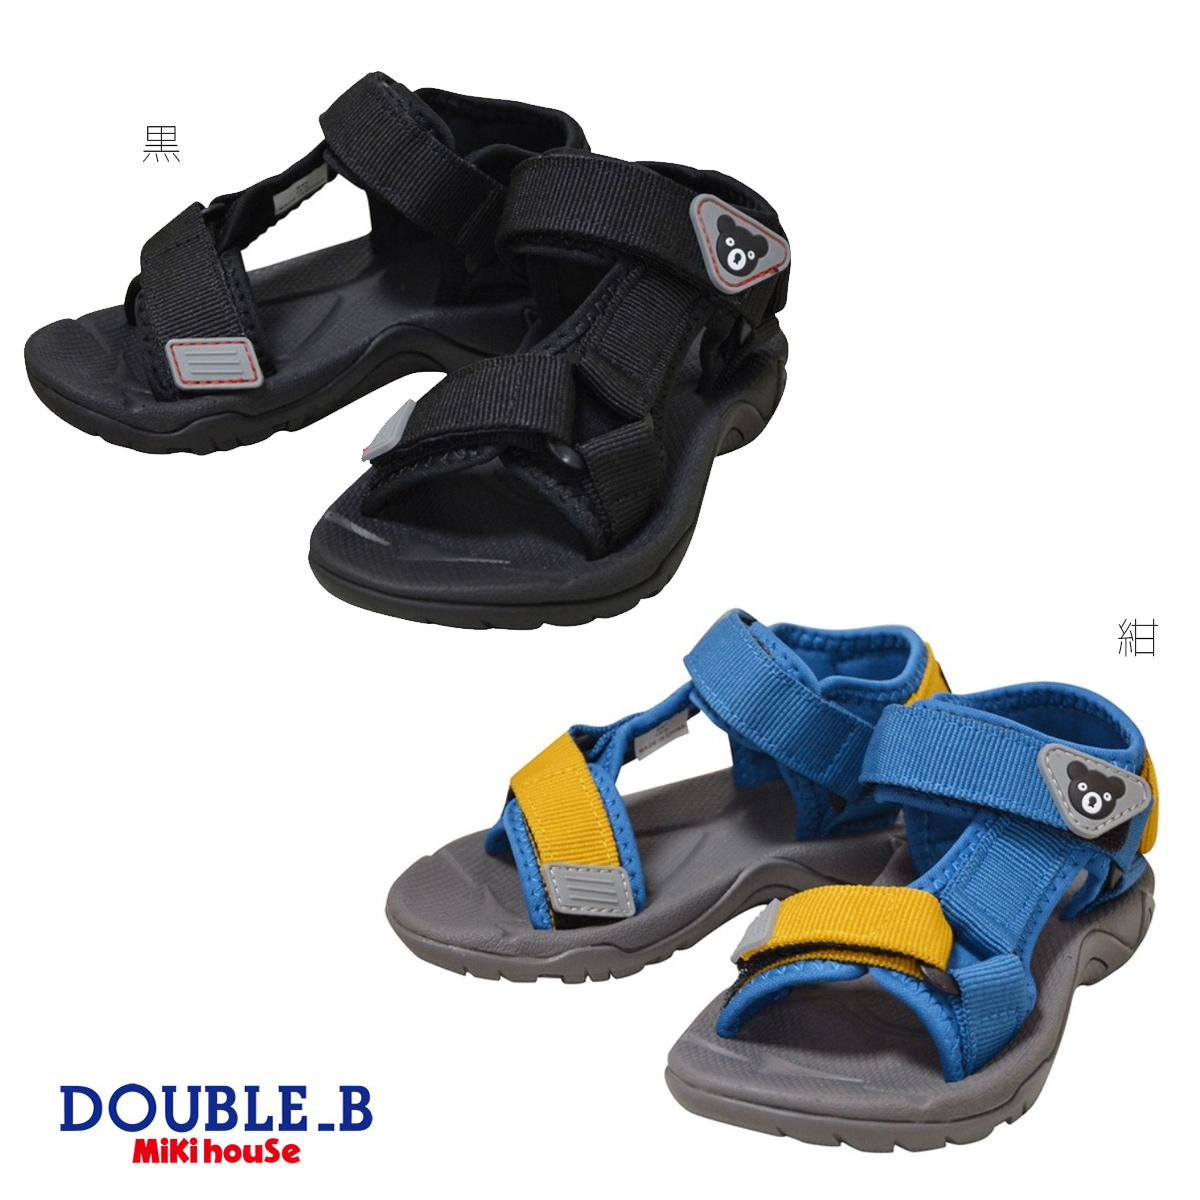 【メール便不可】【DOUBLE B ダブルビー】サンダル(15cm-20cm)【ミキハウス/靴/サンダル